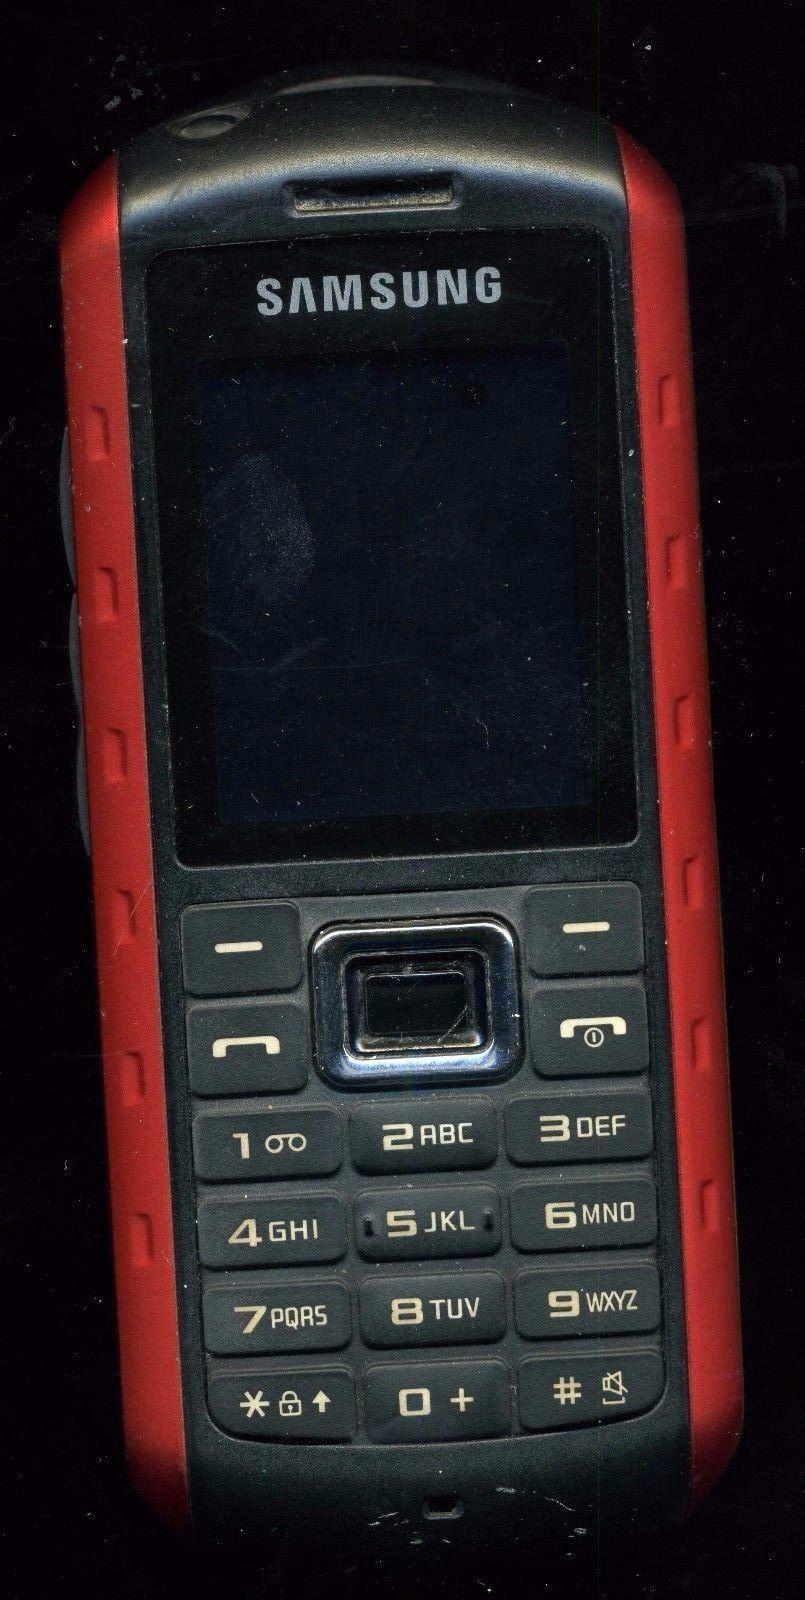 Samsung Xplorer Gt B2100 Rot Original Top Outdoor Handysparen25 Com Sparen25 De Sparen25 Info Samsung Handy Samsung Handys